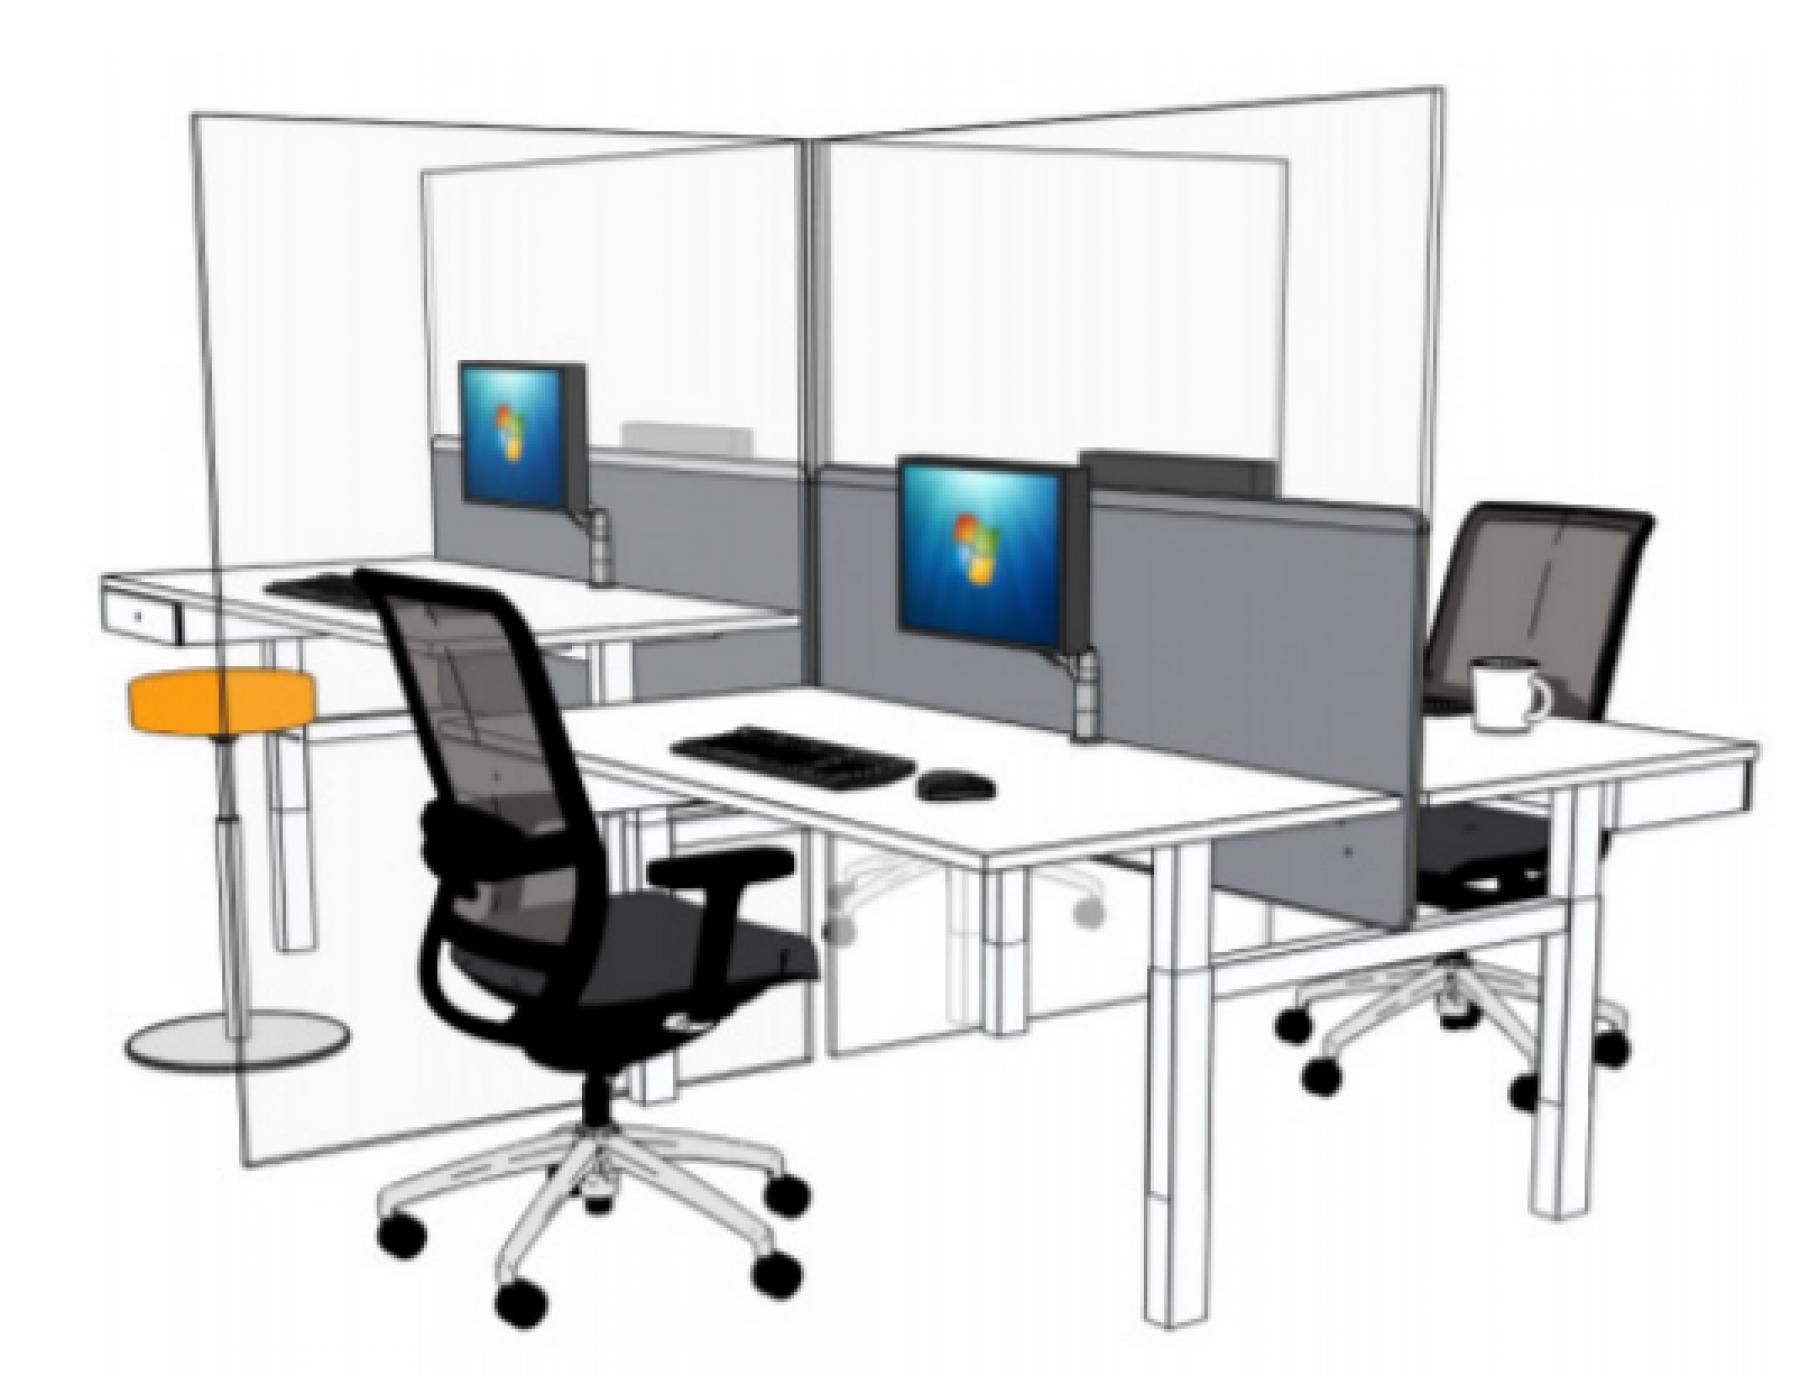 plexiglas schermen in jouw kantoorinrichting